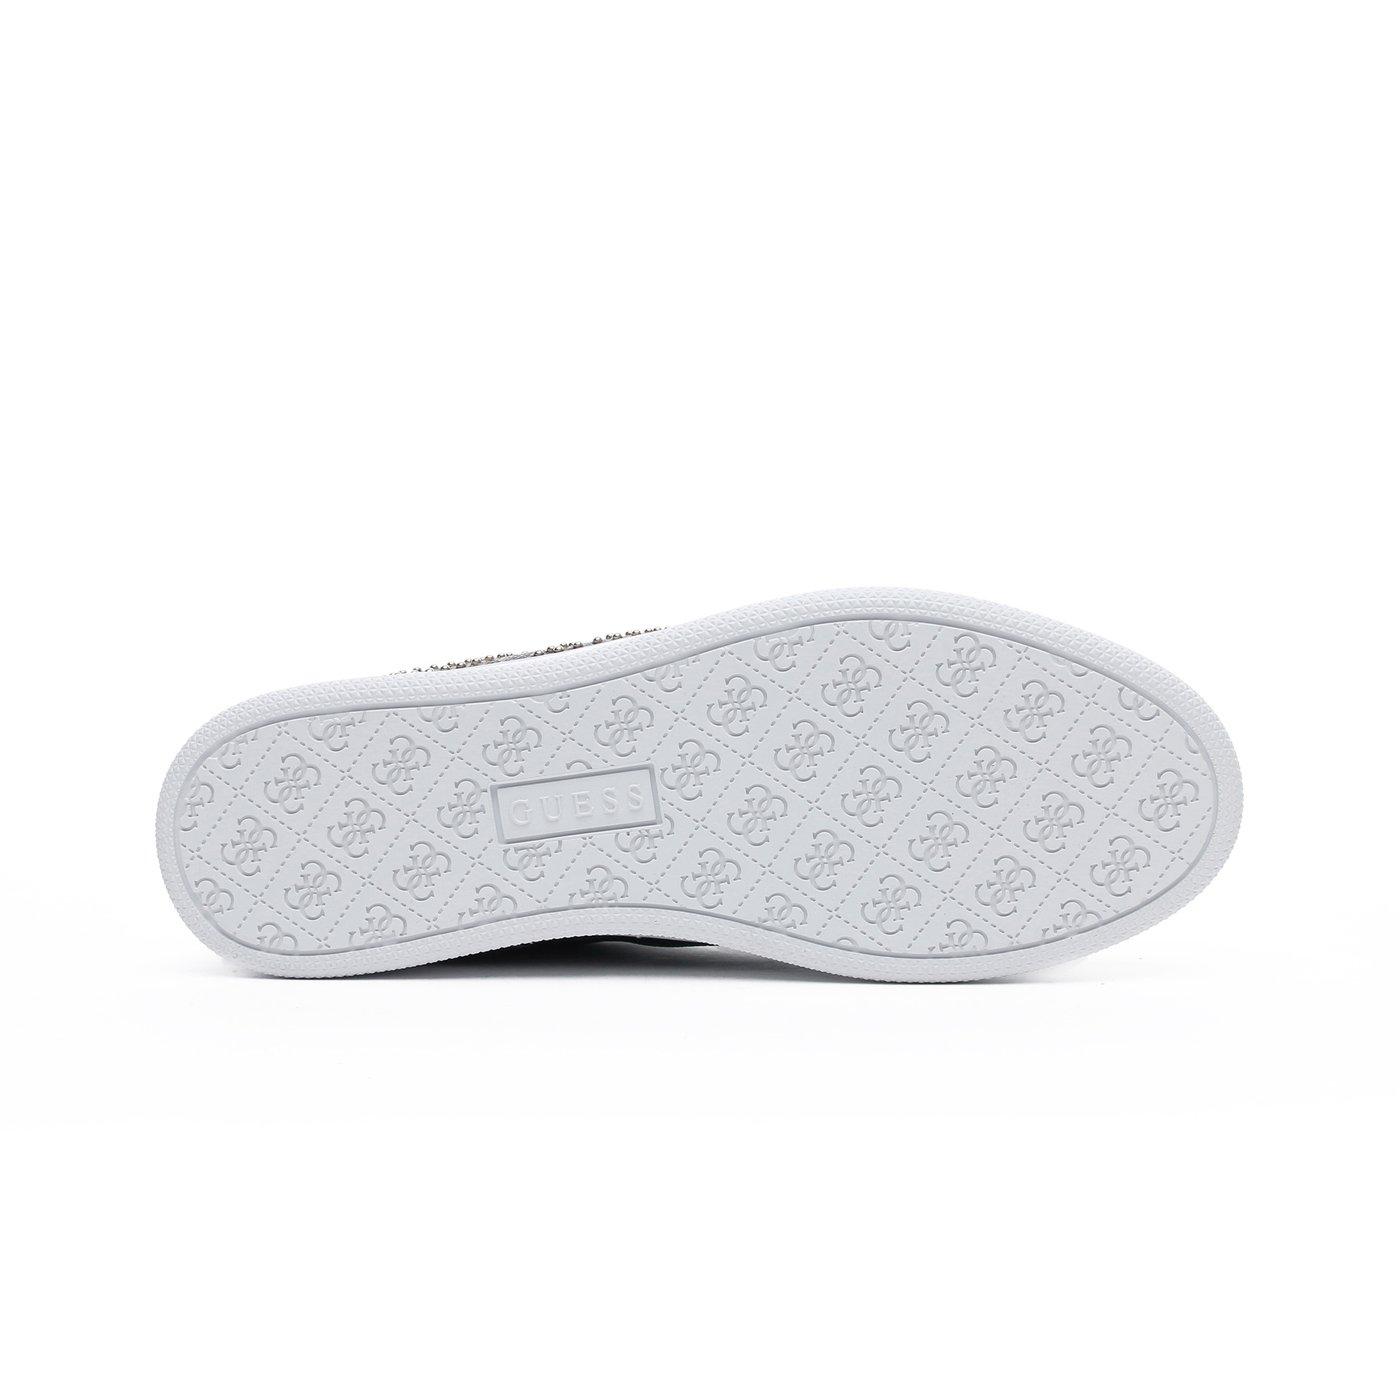 Guess Razz Kadın Kahverengi Günlük Ayakkabı